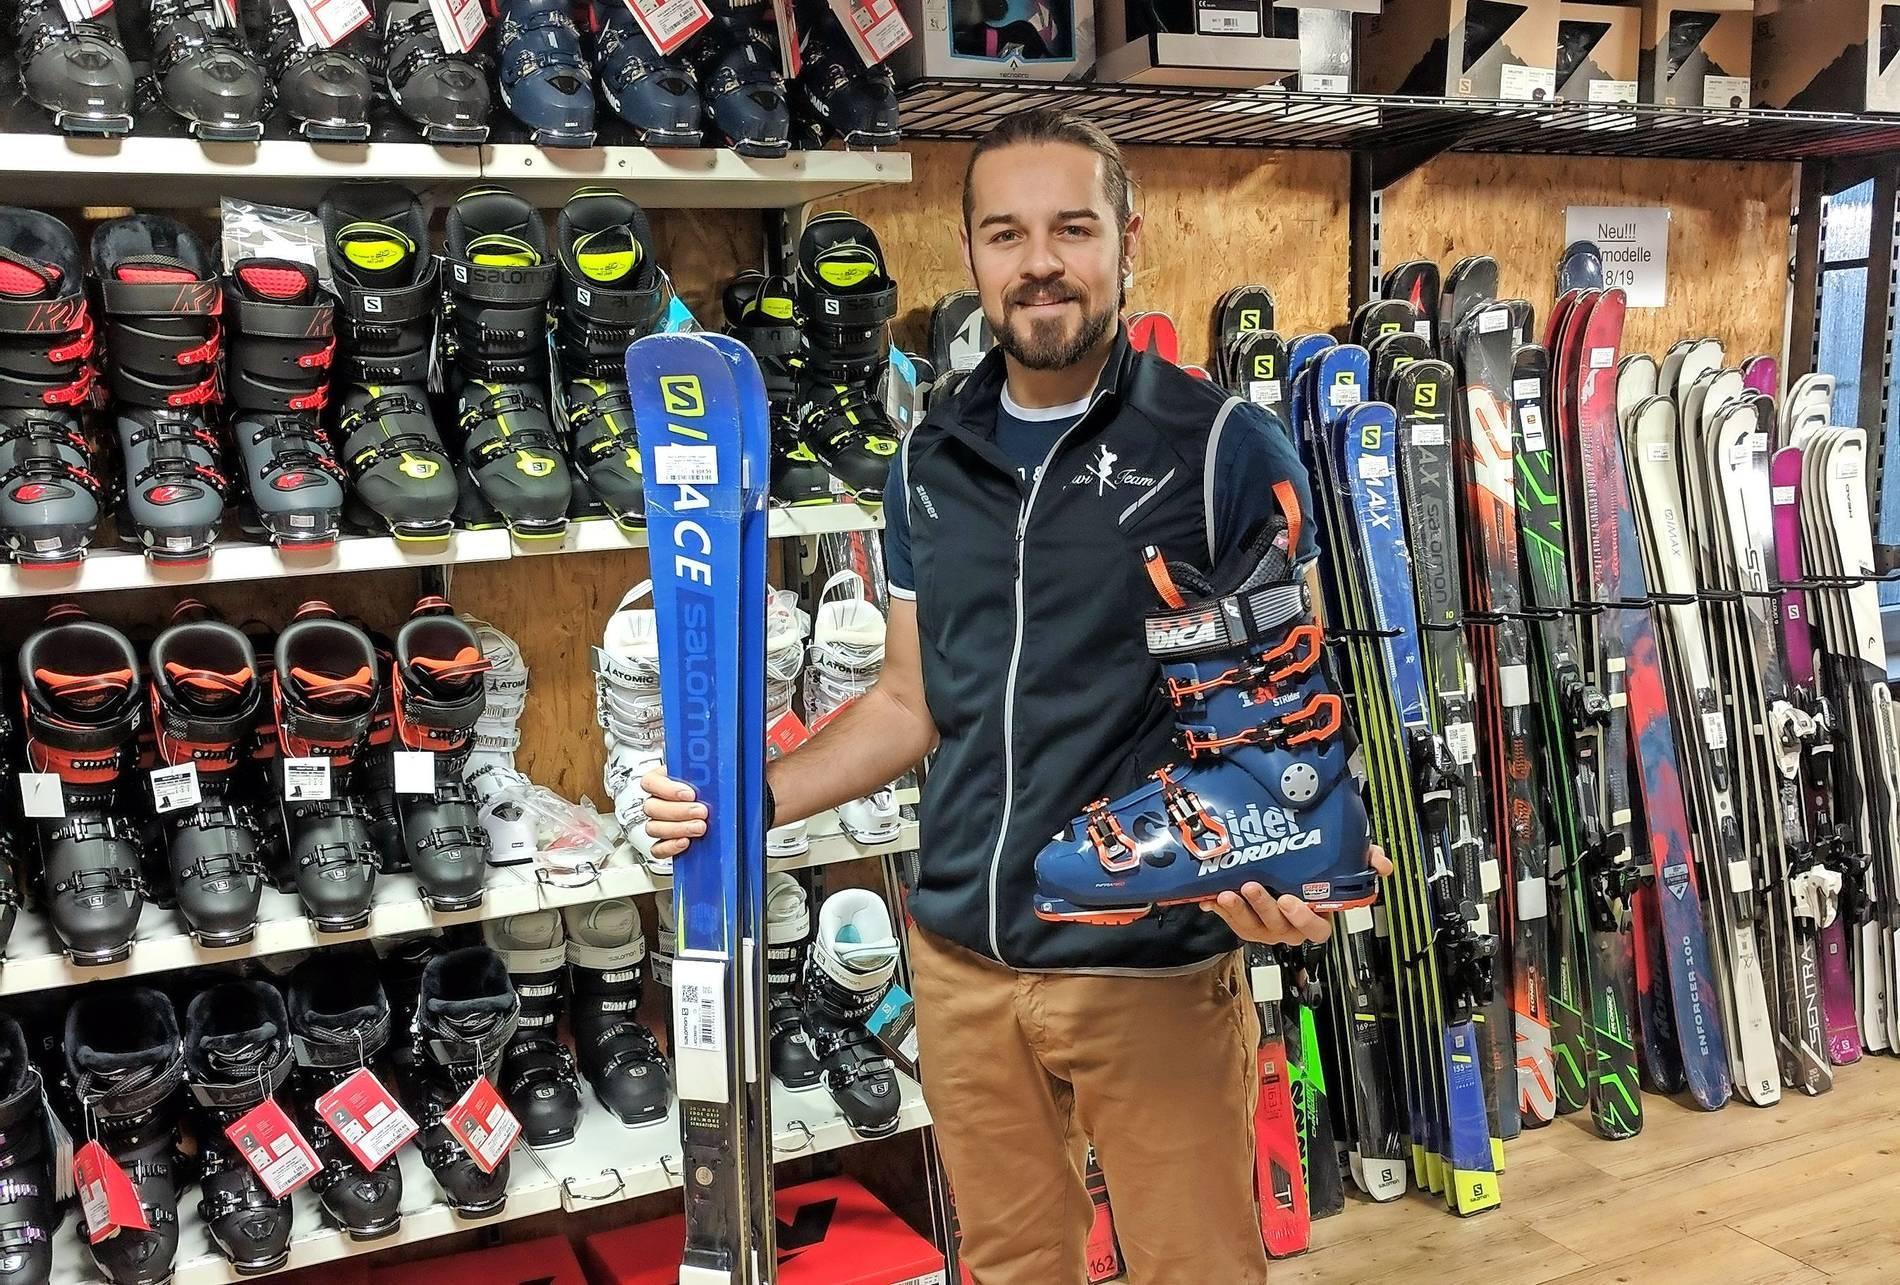 Veröffentlichungsdatum Qualität und Quantität zugesichert letzter Rabatt Perfekter Service nicht nur für Ski- und Radfans